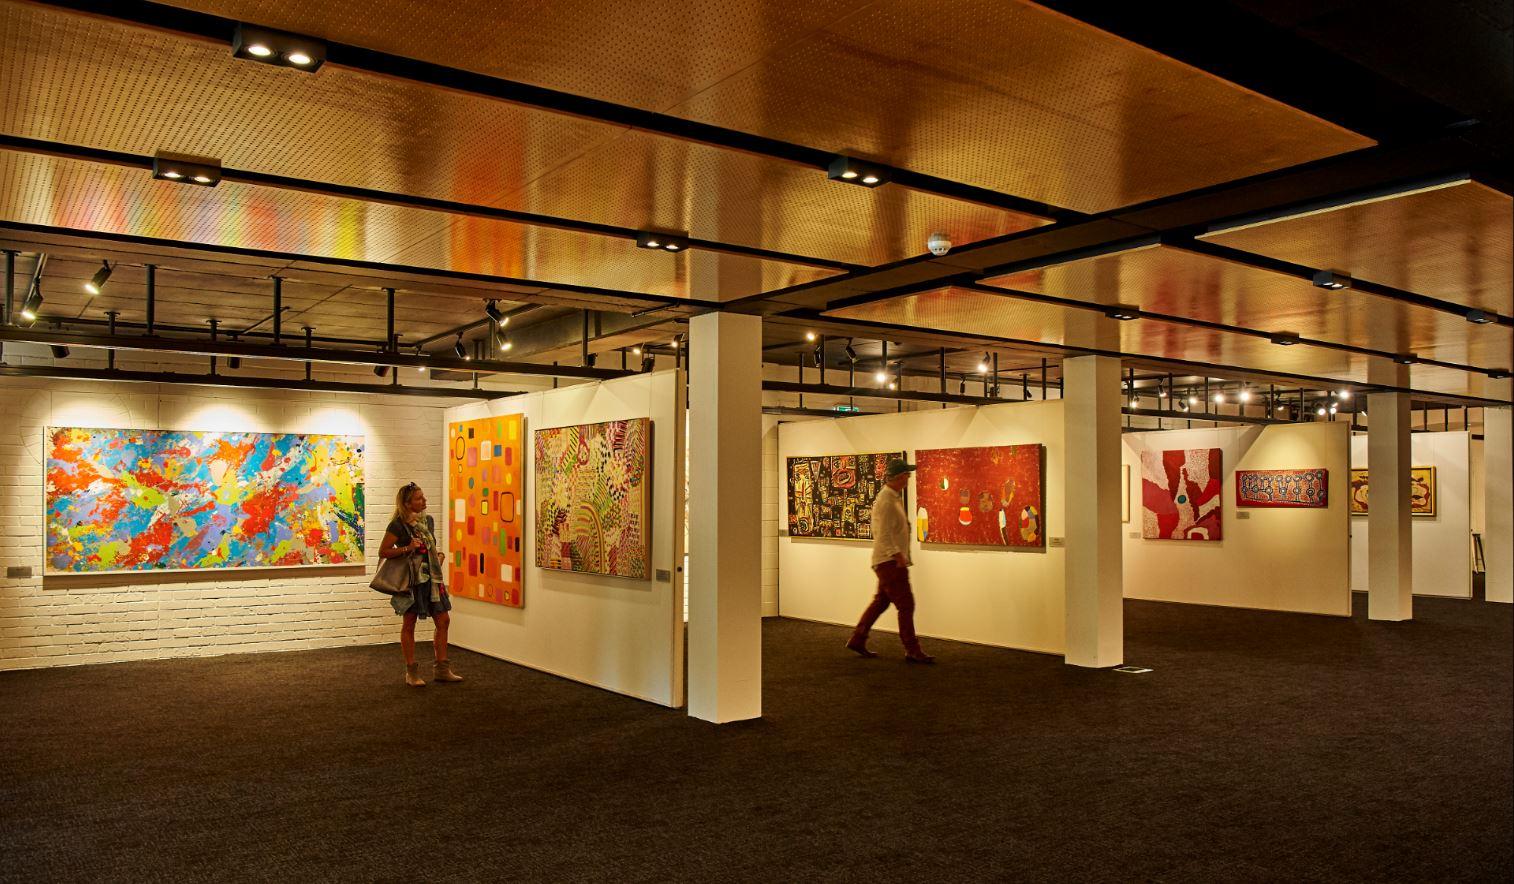 Leeuwin's Art Gallery